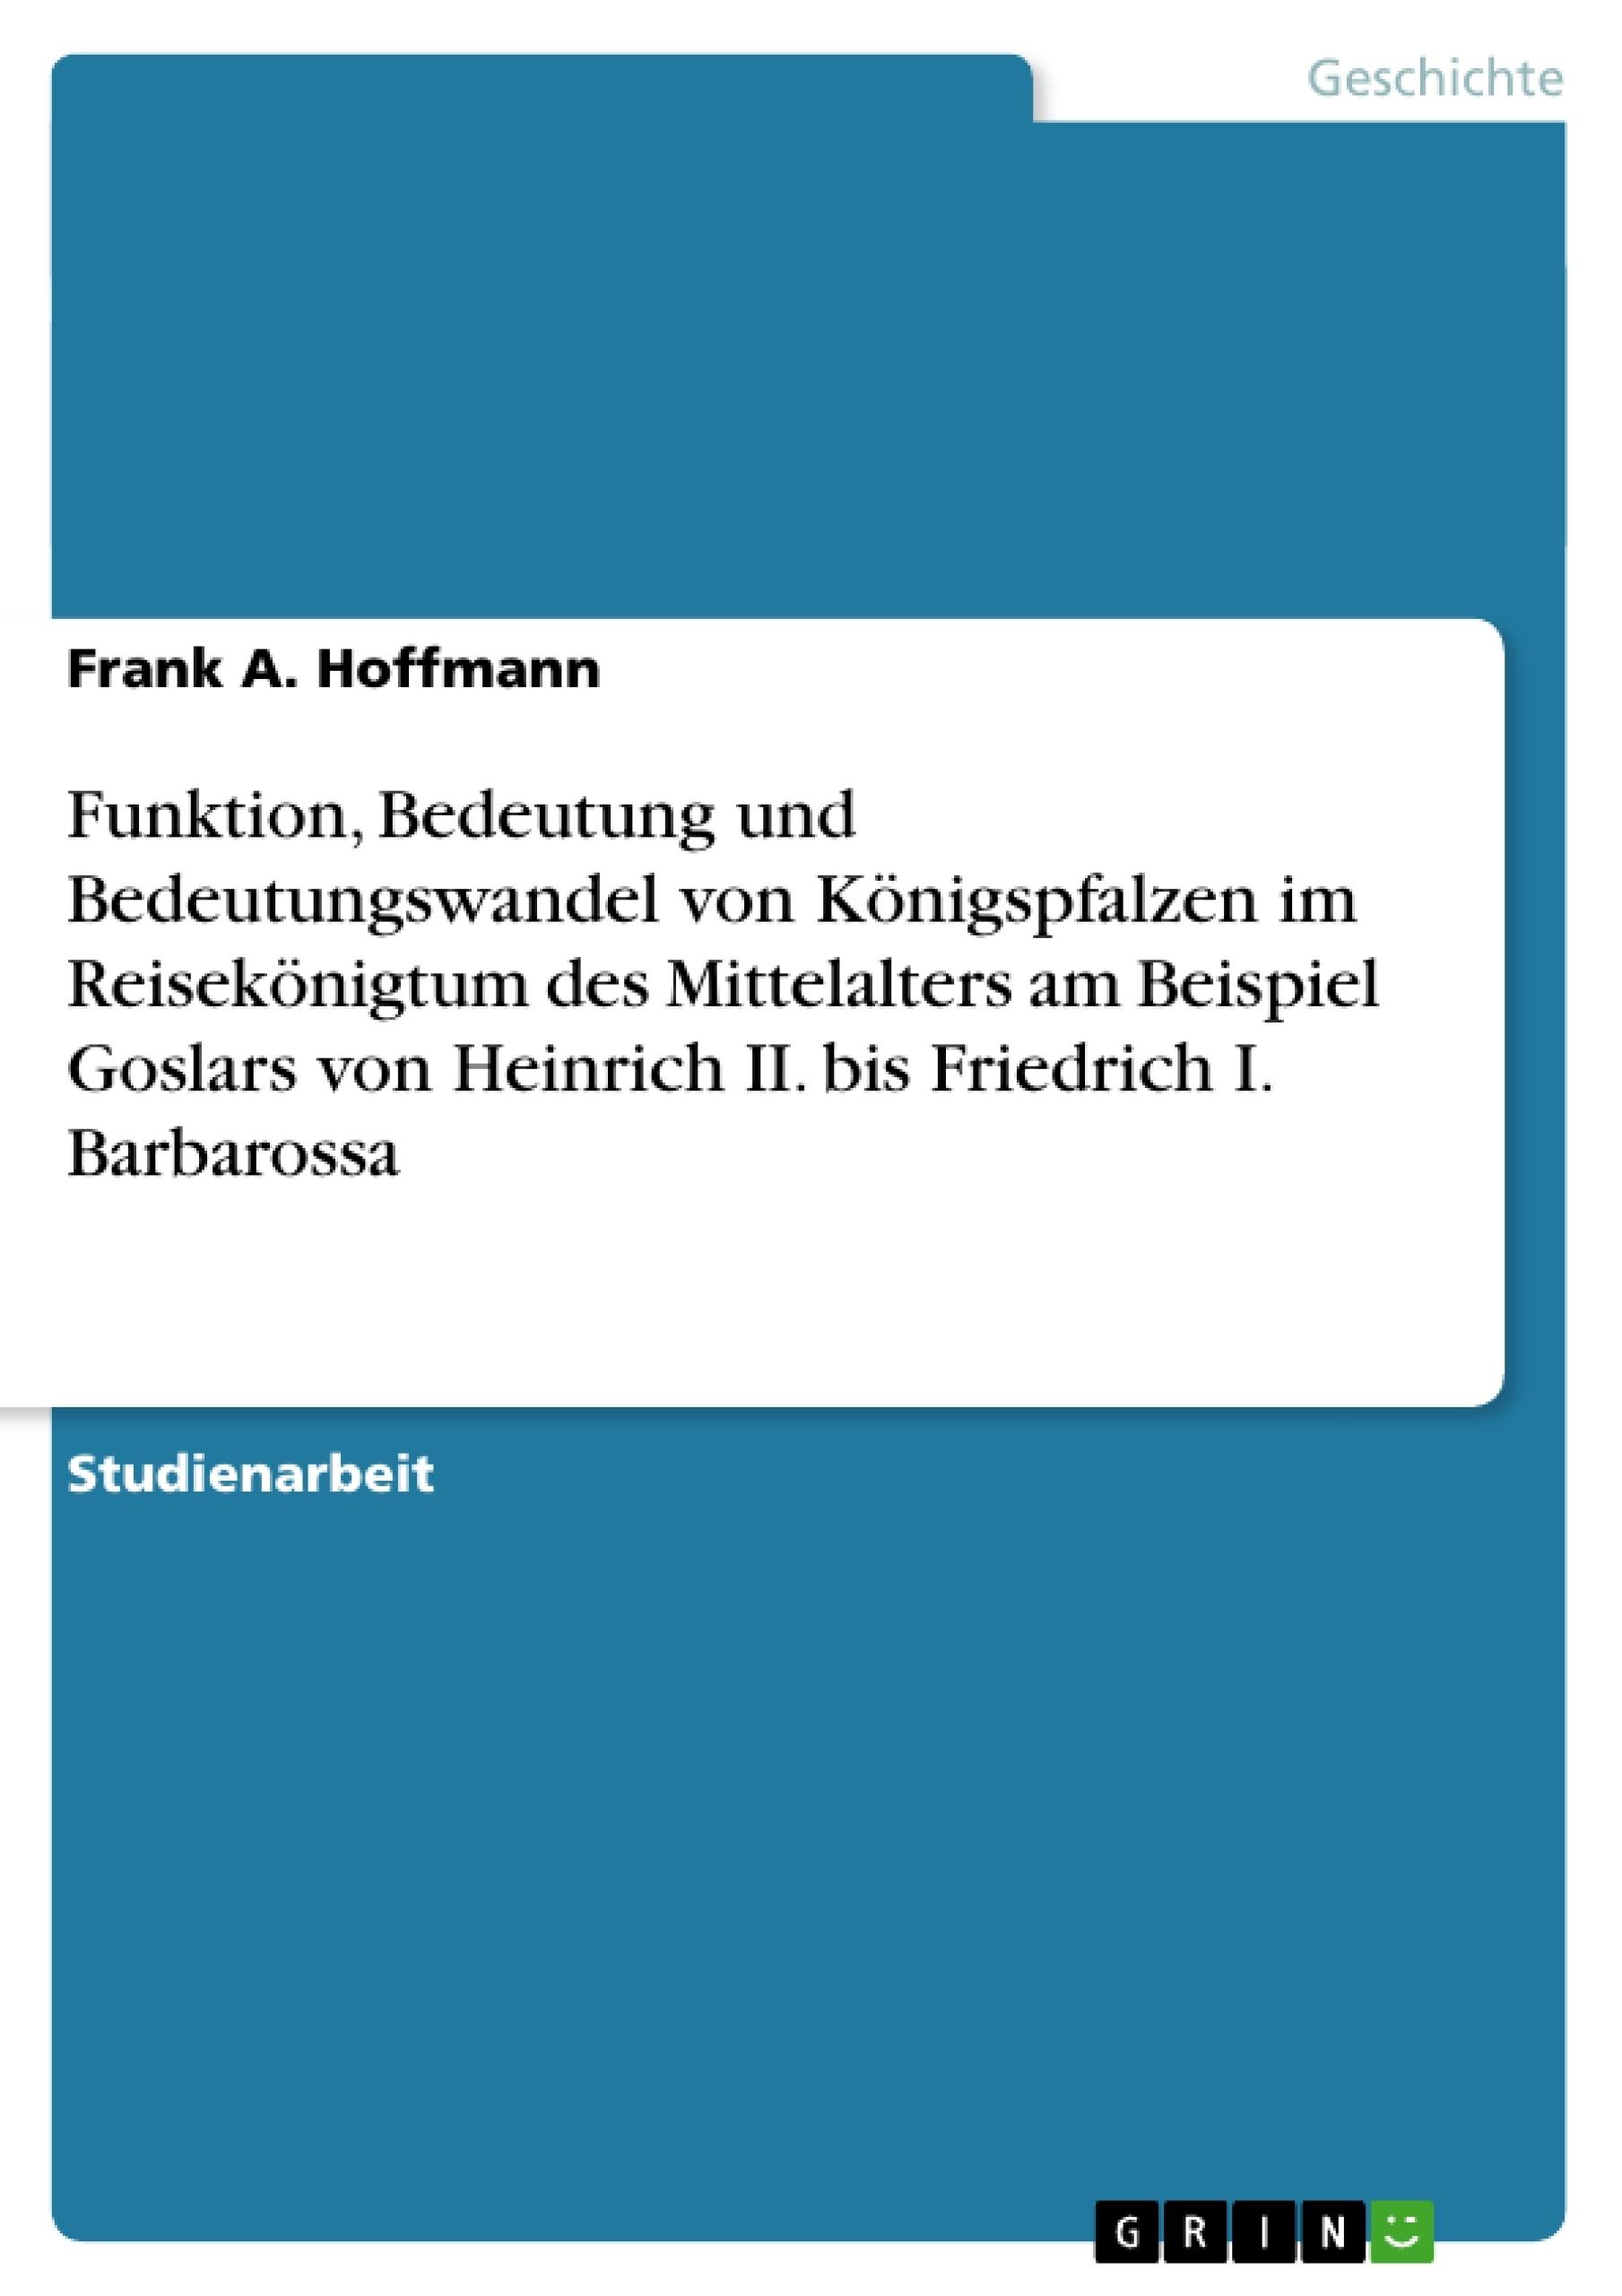 Titel: Funktion, Bedeutung und Bedeutungswandel von Königspfalzen im Reisekönigtum des Mittelalters am Beispiel Goslars von Heinrich II. bis Friedrich I. Barbarossa